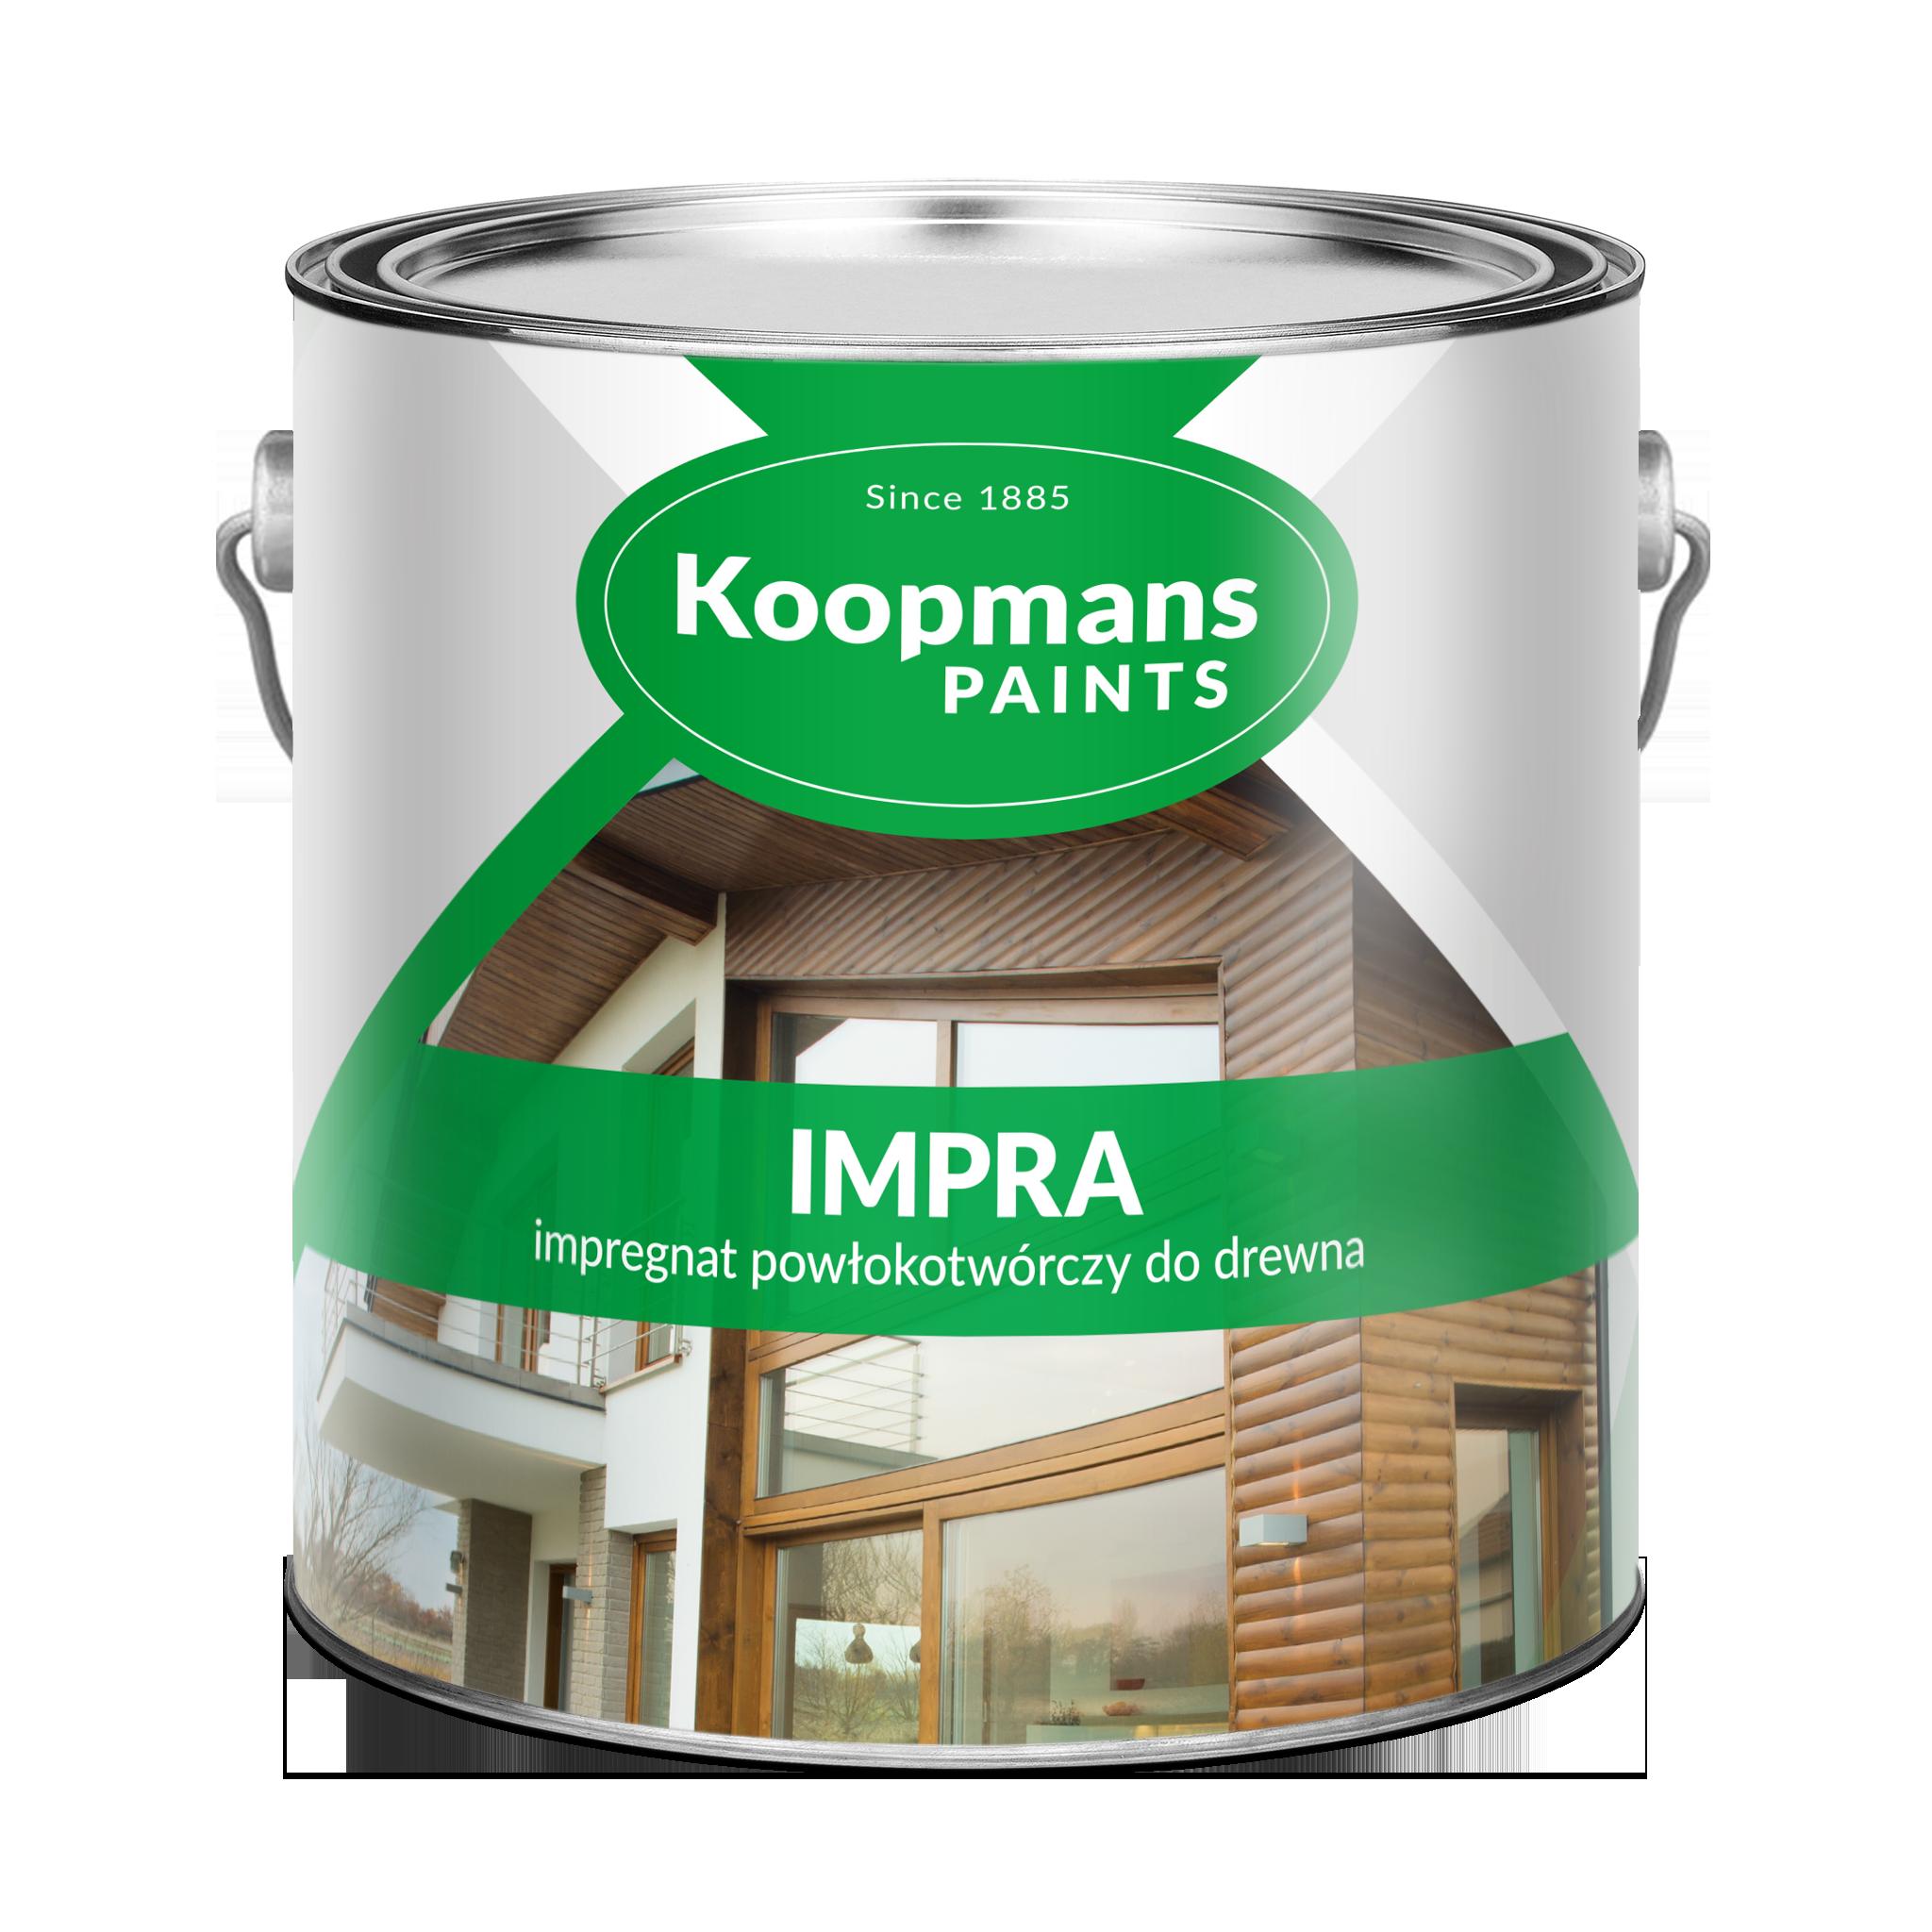 Puszka farby Koopmans Paints - impregant powłokotwórczy do drewna